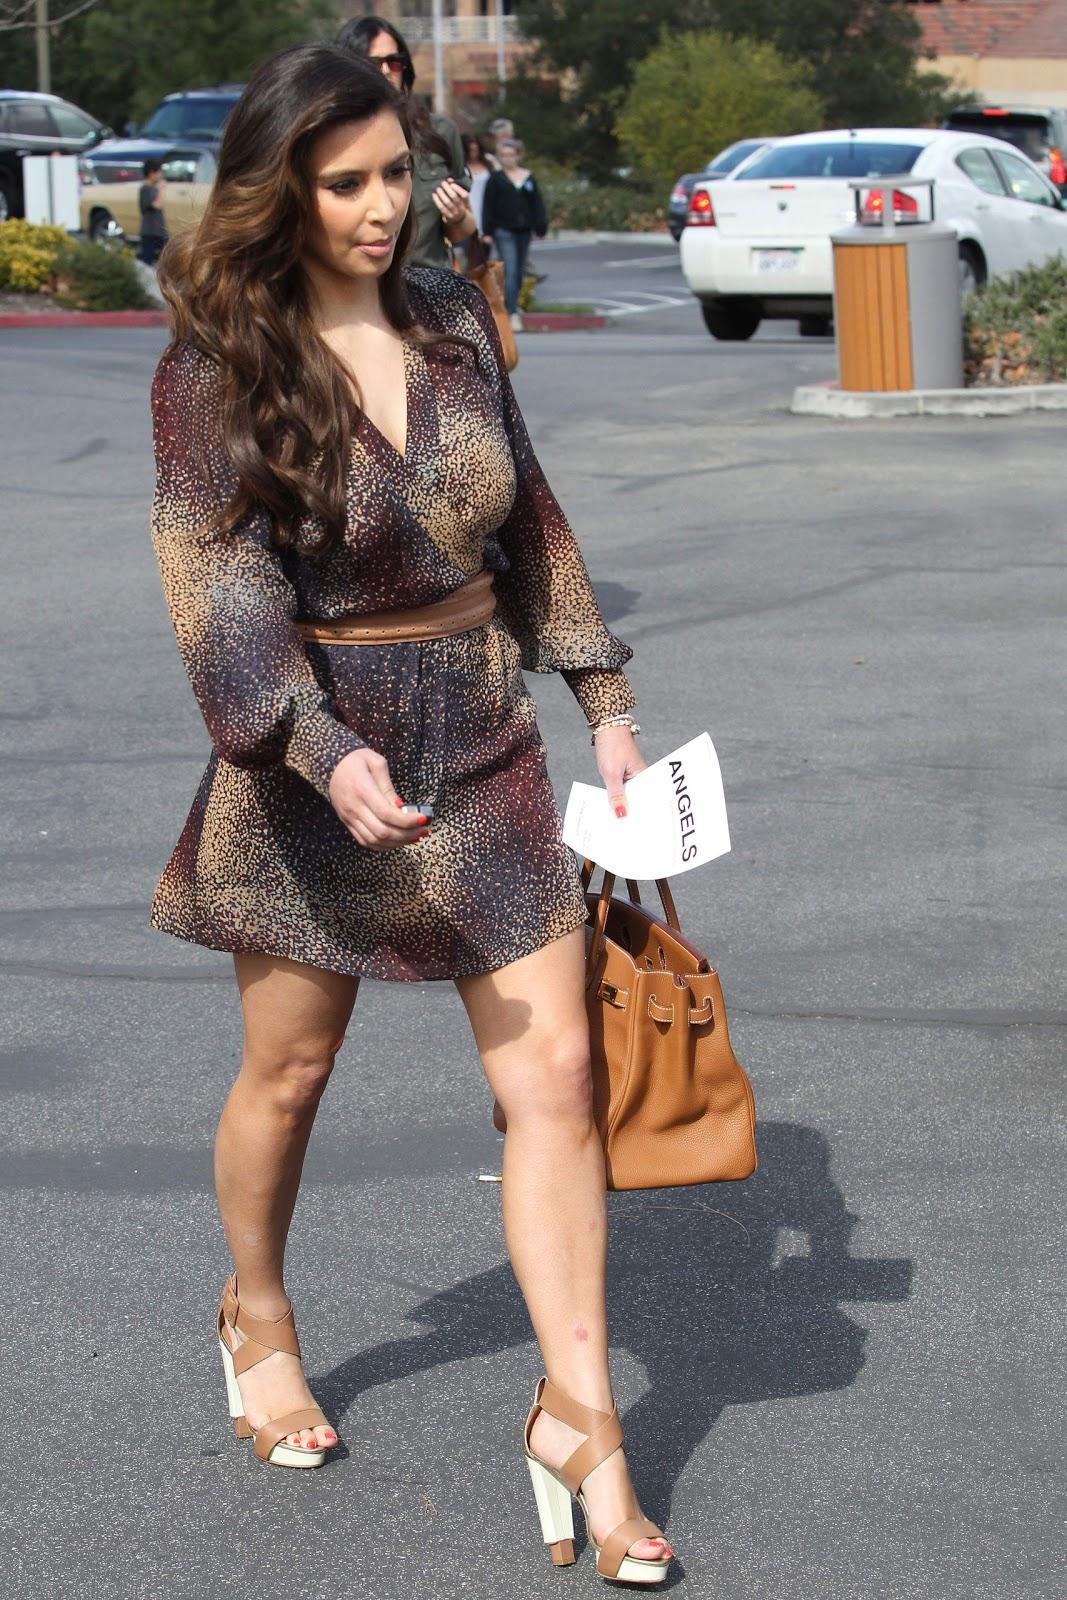 http://4.bp.blogspot.com/-HTdeXBwDQ4U/TzuRdSOCADI/AAAAAAAAADk/tgqygw69sg8/s1600/Kim-Kardashian-Photos-11.jpg